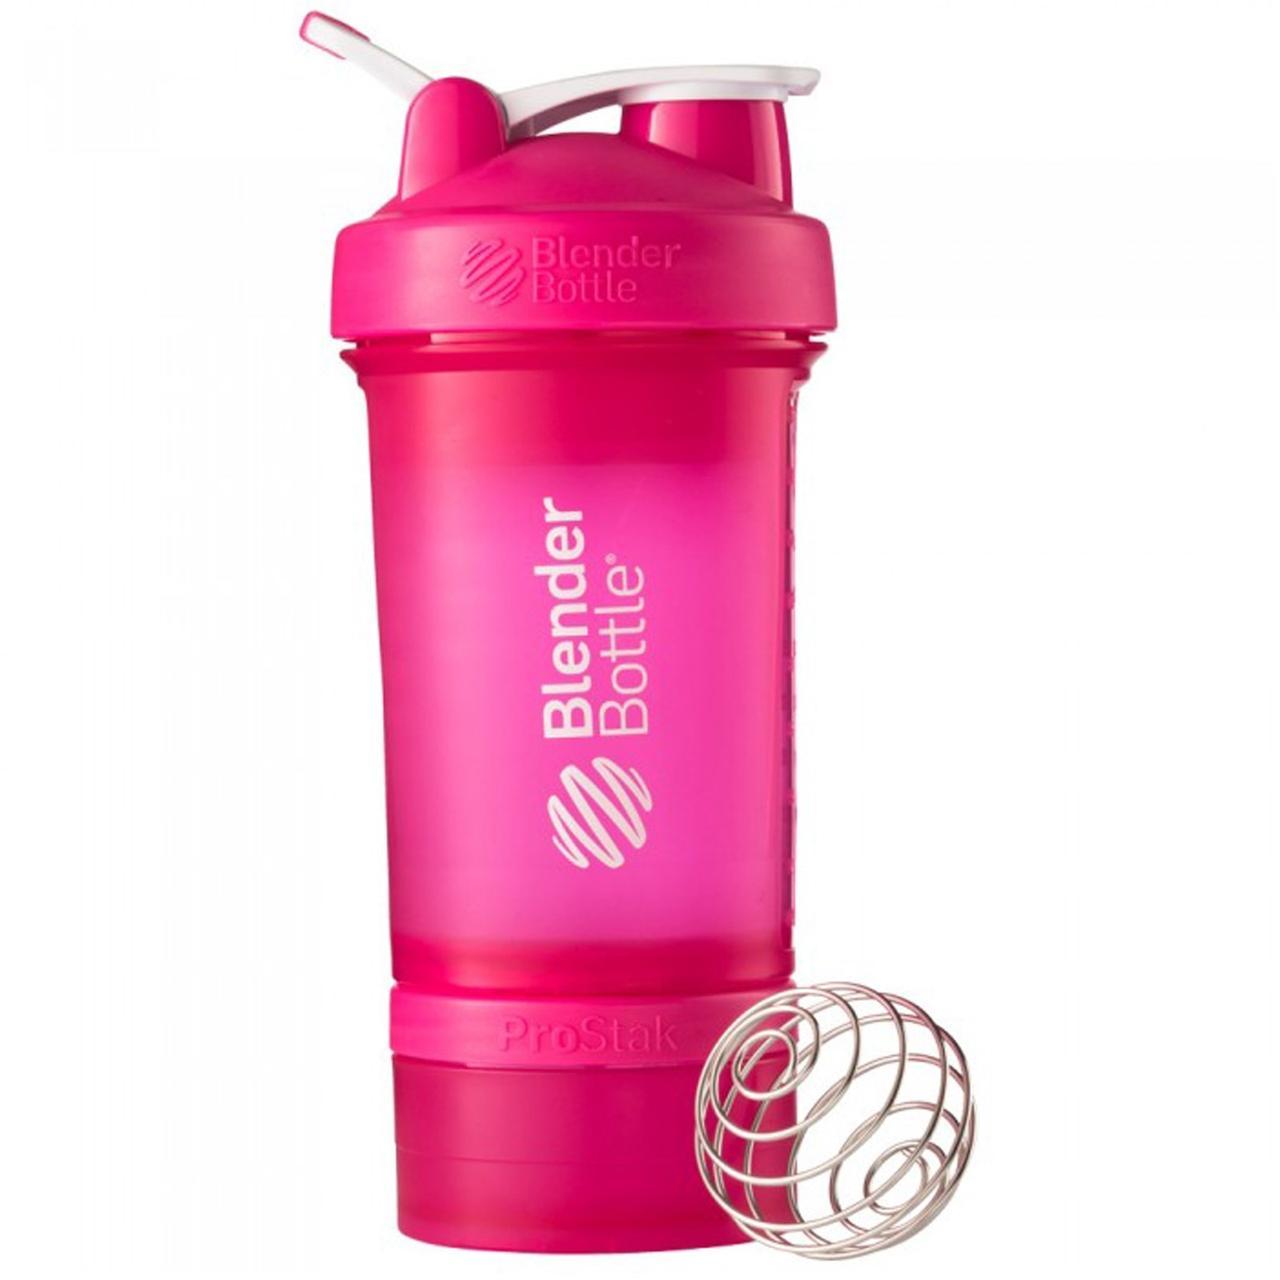 Sundesa, Бутылка-блендер Prostak, розовый, 22 унции - Интернет-магазин для здоровой жизни в Киеве